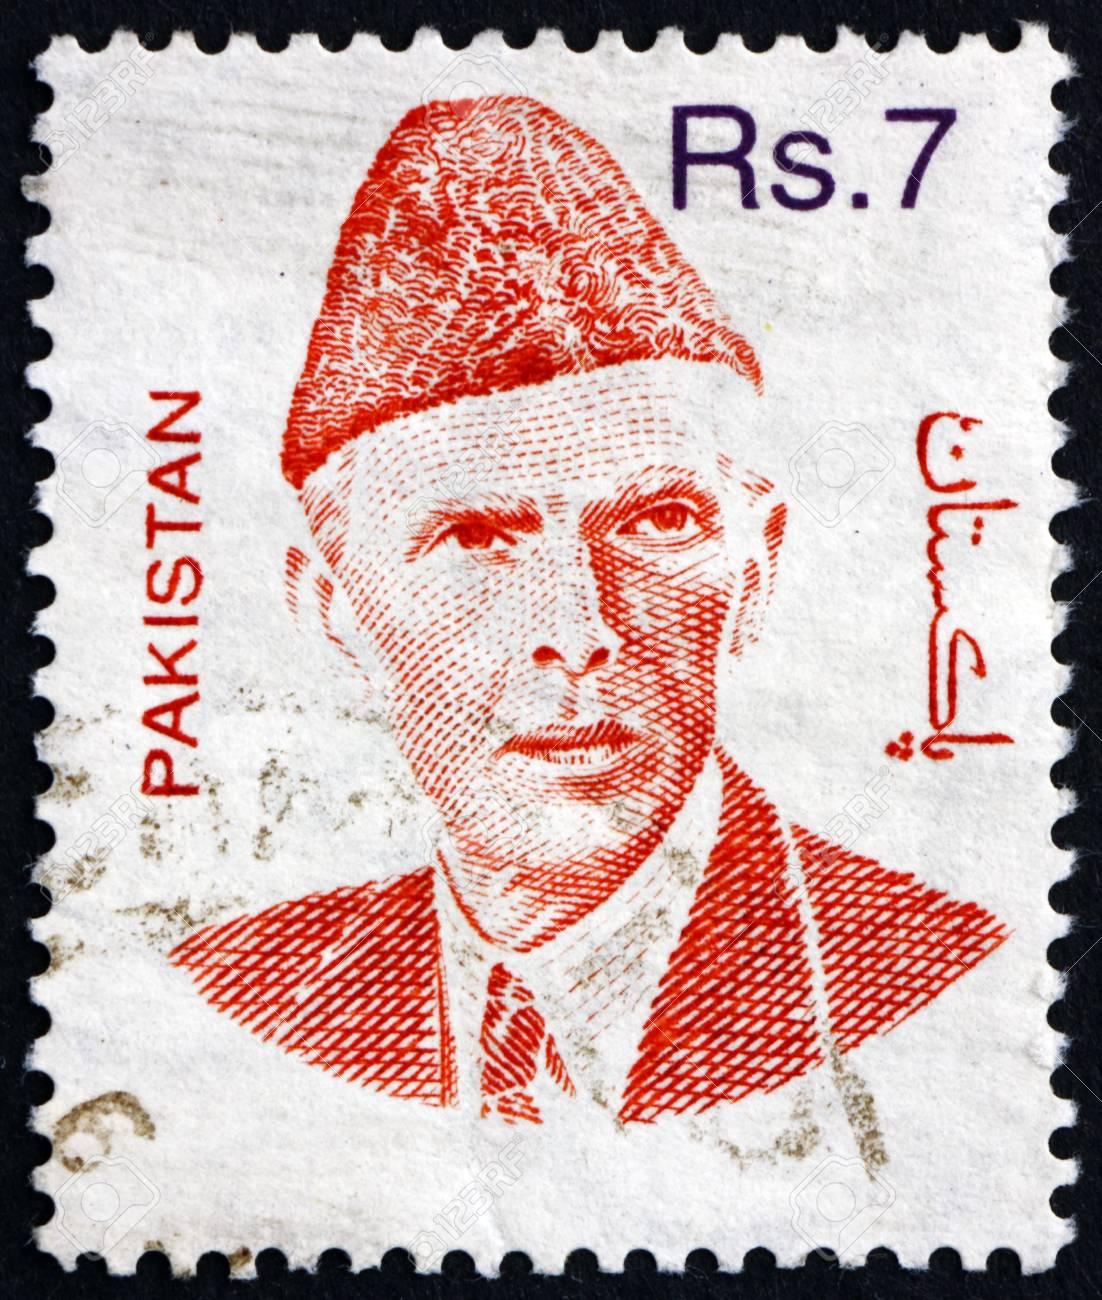 パキスタン - 1998 年頃: パキスタン ショー ムハンマド ・ アリー ...